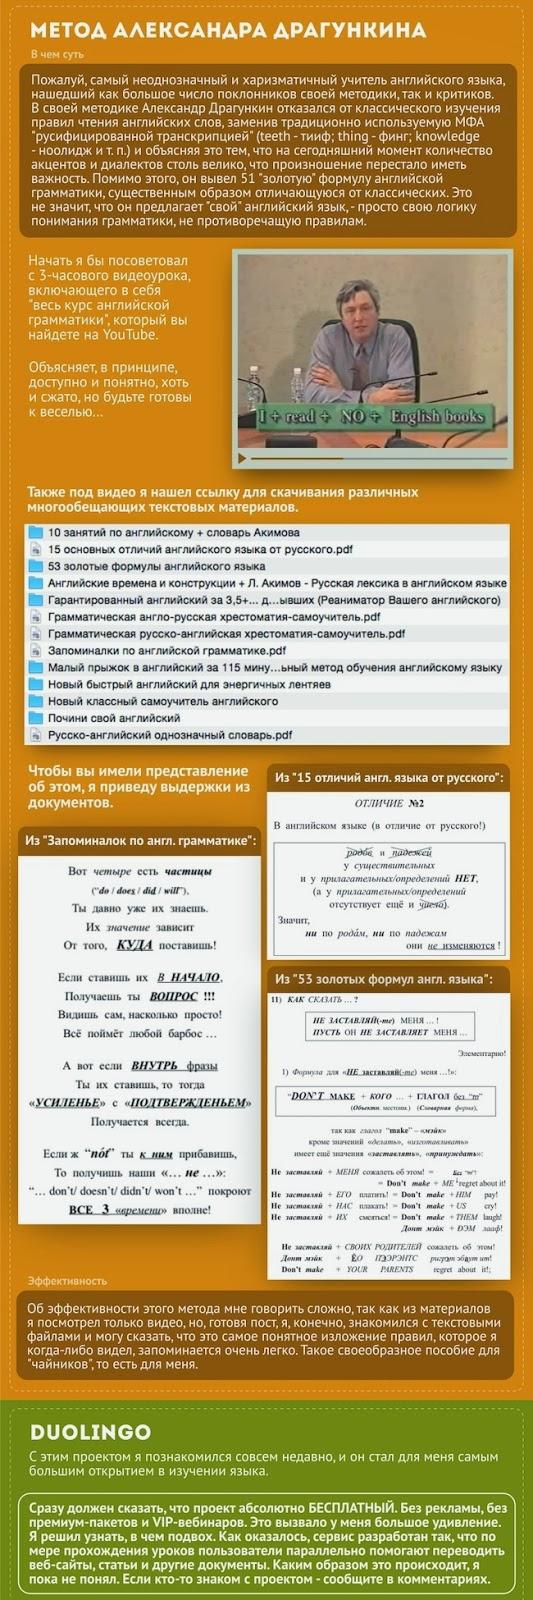 Лучшие методики самостоятельного изучения английского языка в